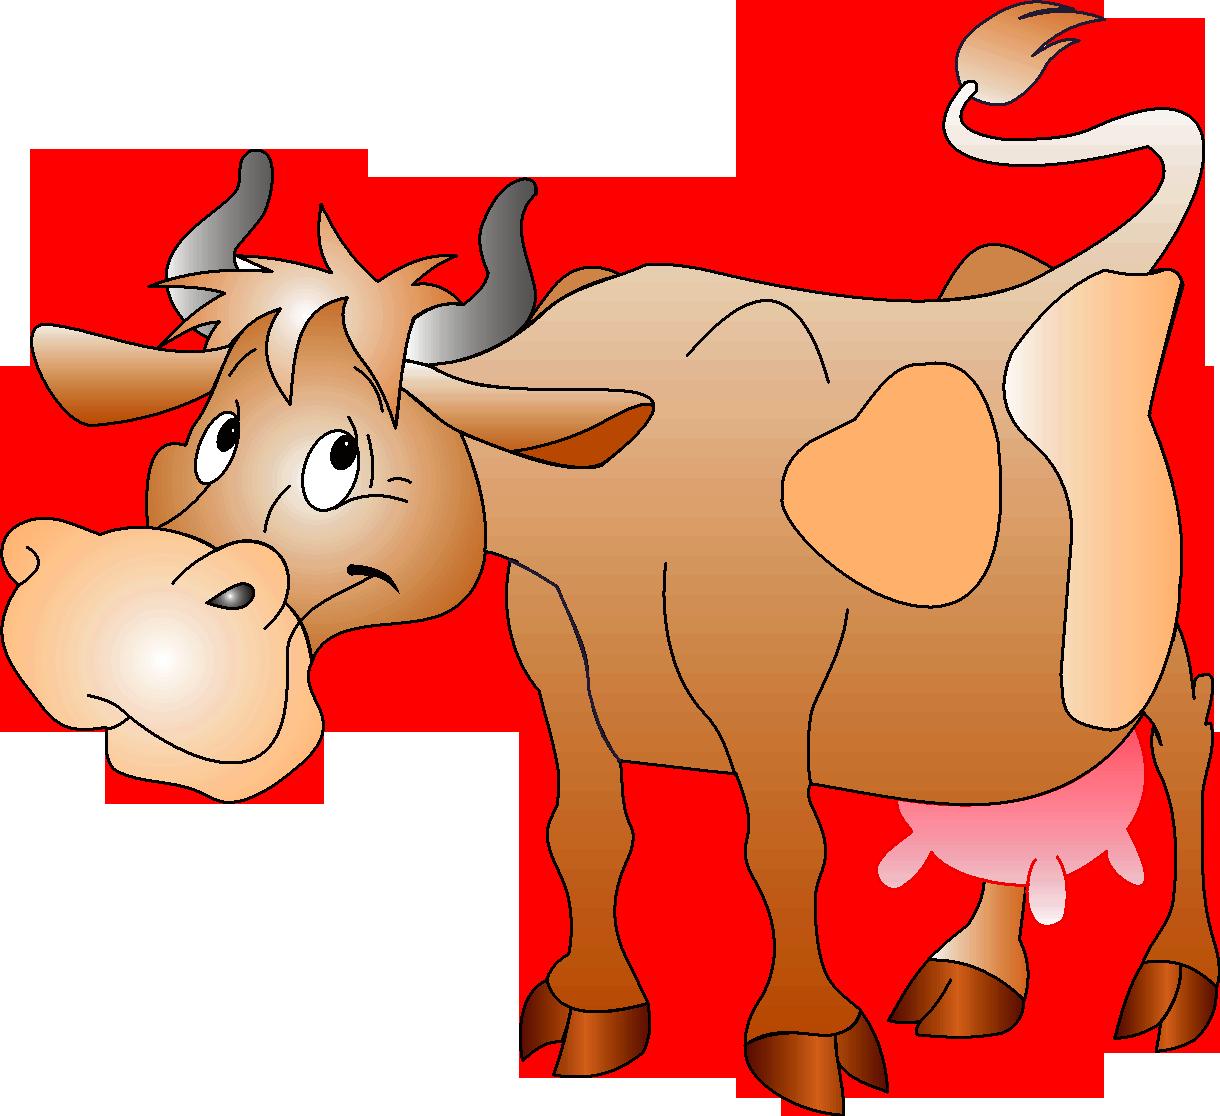 Goat clipart beef cow. Rajzolt figur k elemek